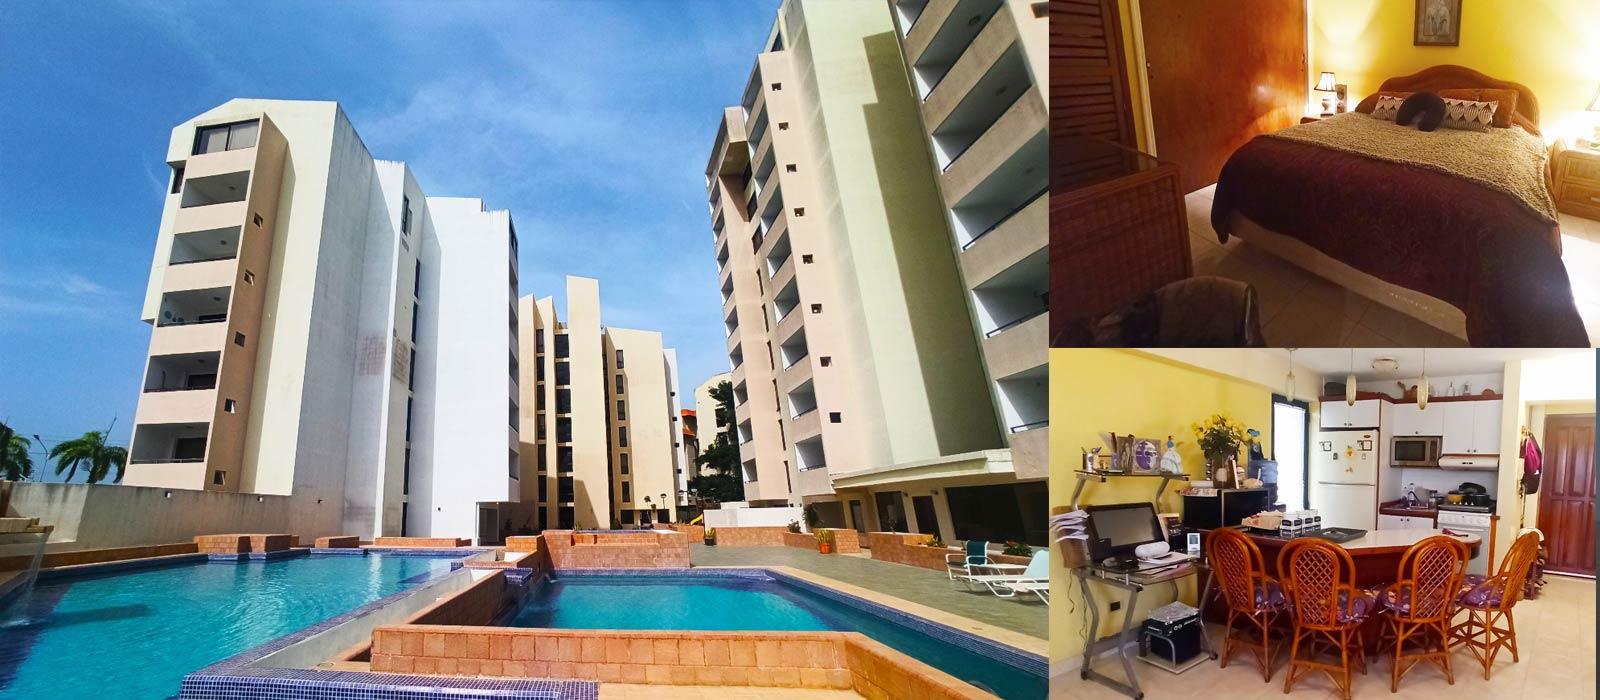 Apartamento en Margarita - Inmobiliaria en Margarita, Inmuebles Enclave Margarita